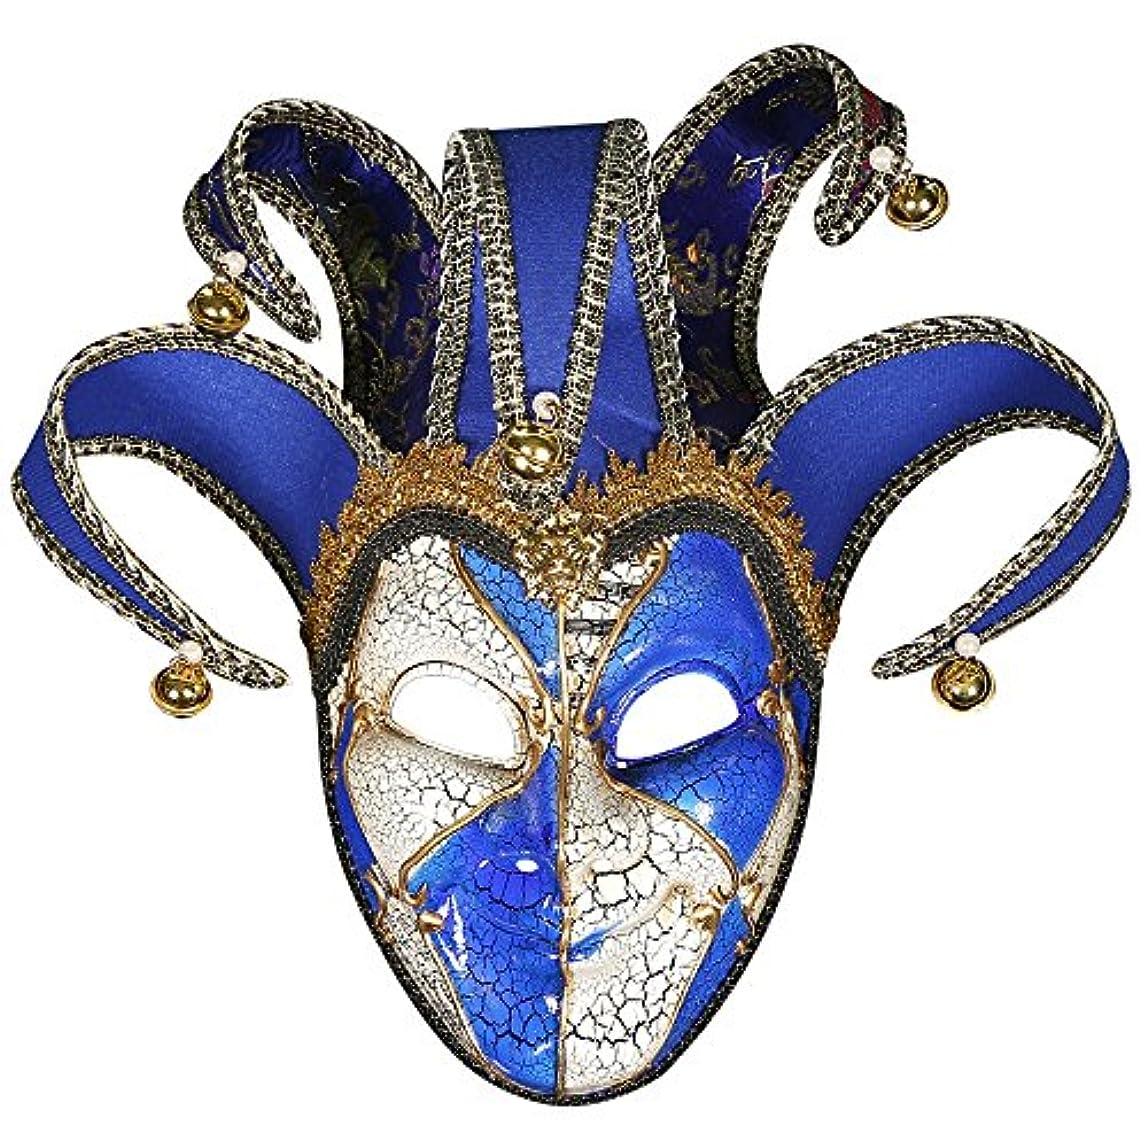 暴露する岩ラインハイエンドの美しいクラックフェスティバル仮面舞踏会マスクハロウィーン誕生日パーティーピエロマスク (Color : A)